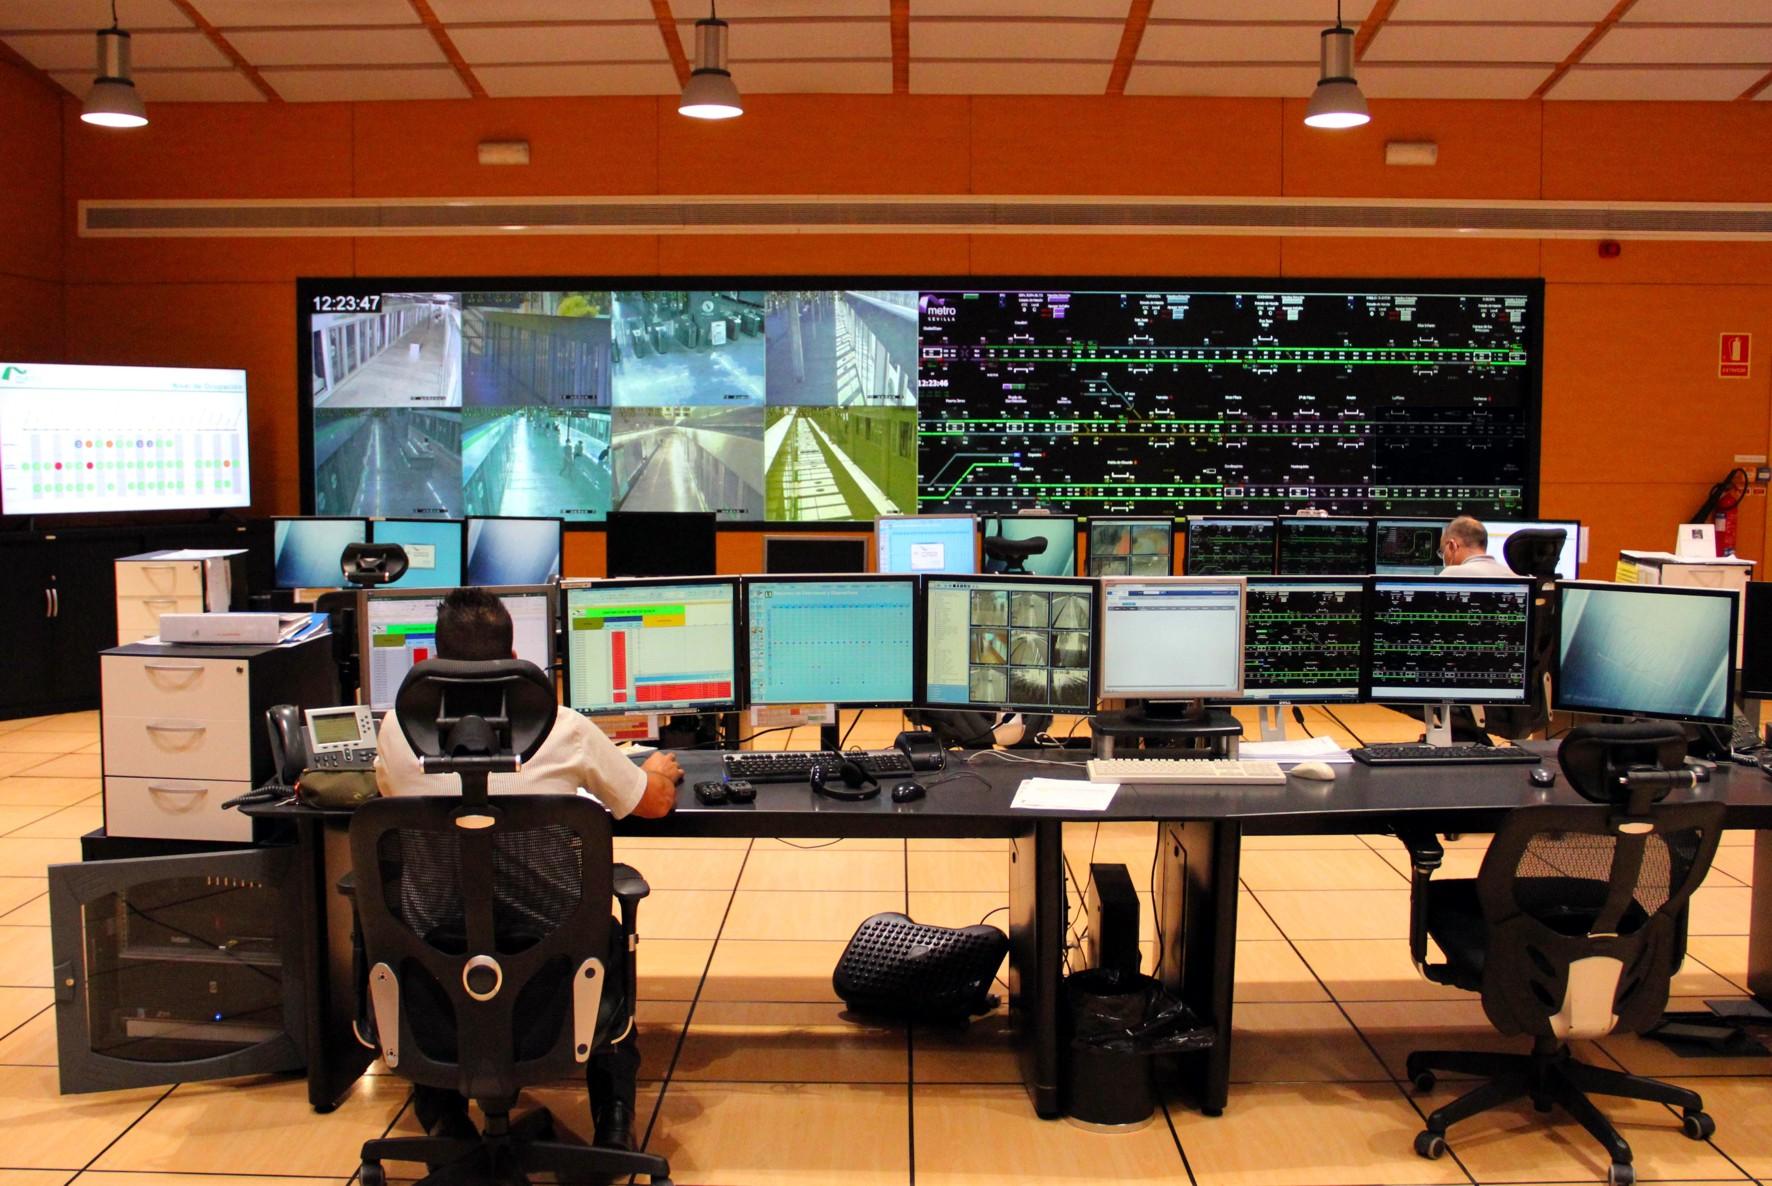 Este sistema, que es pionero en España en su aplicación en el cien por cien de una línea, sitúa a Metro de Sevilla entre los suburbanos más avanzados tecnológicamente.